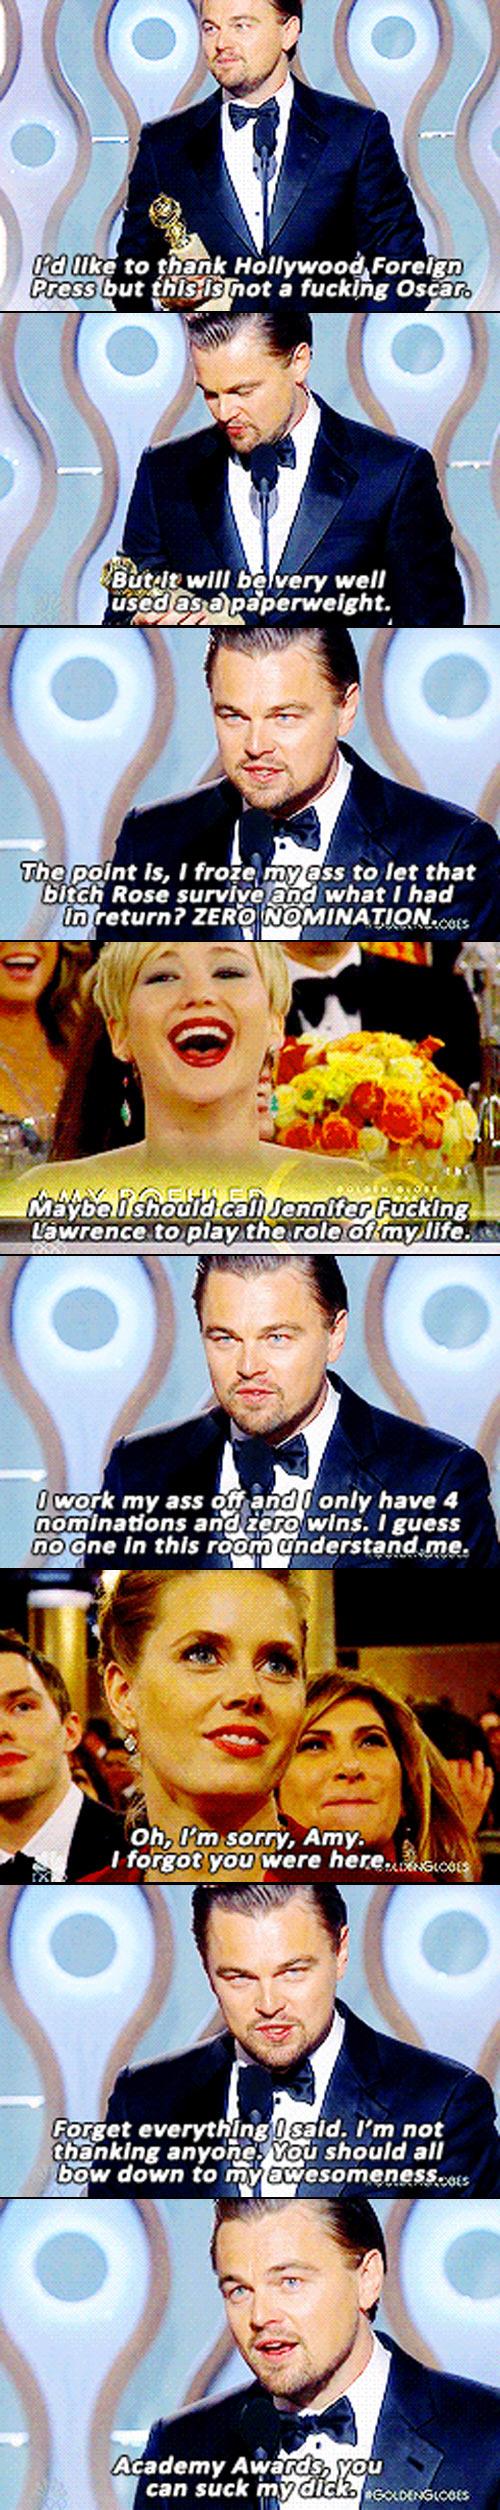 funny-Leonardo-DiCaprio-Oscar-speech